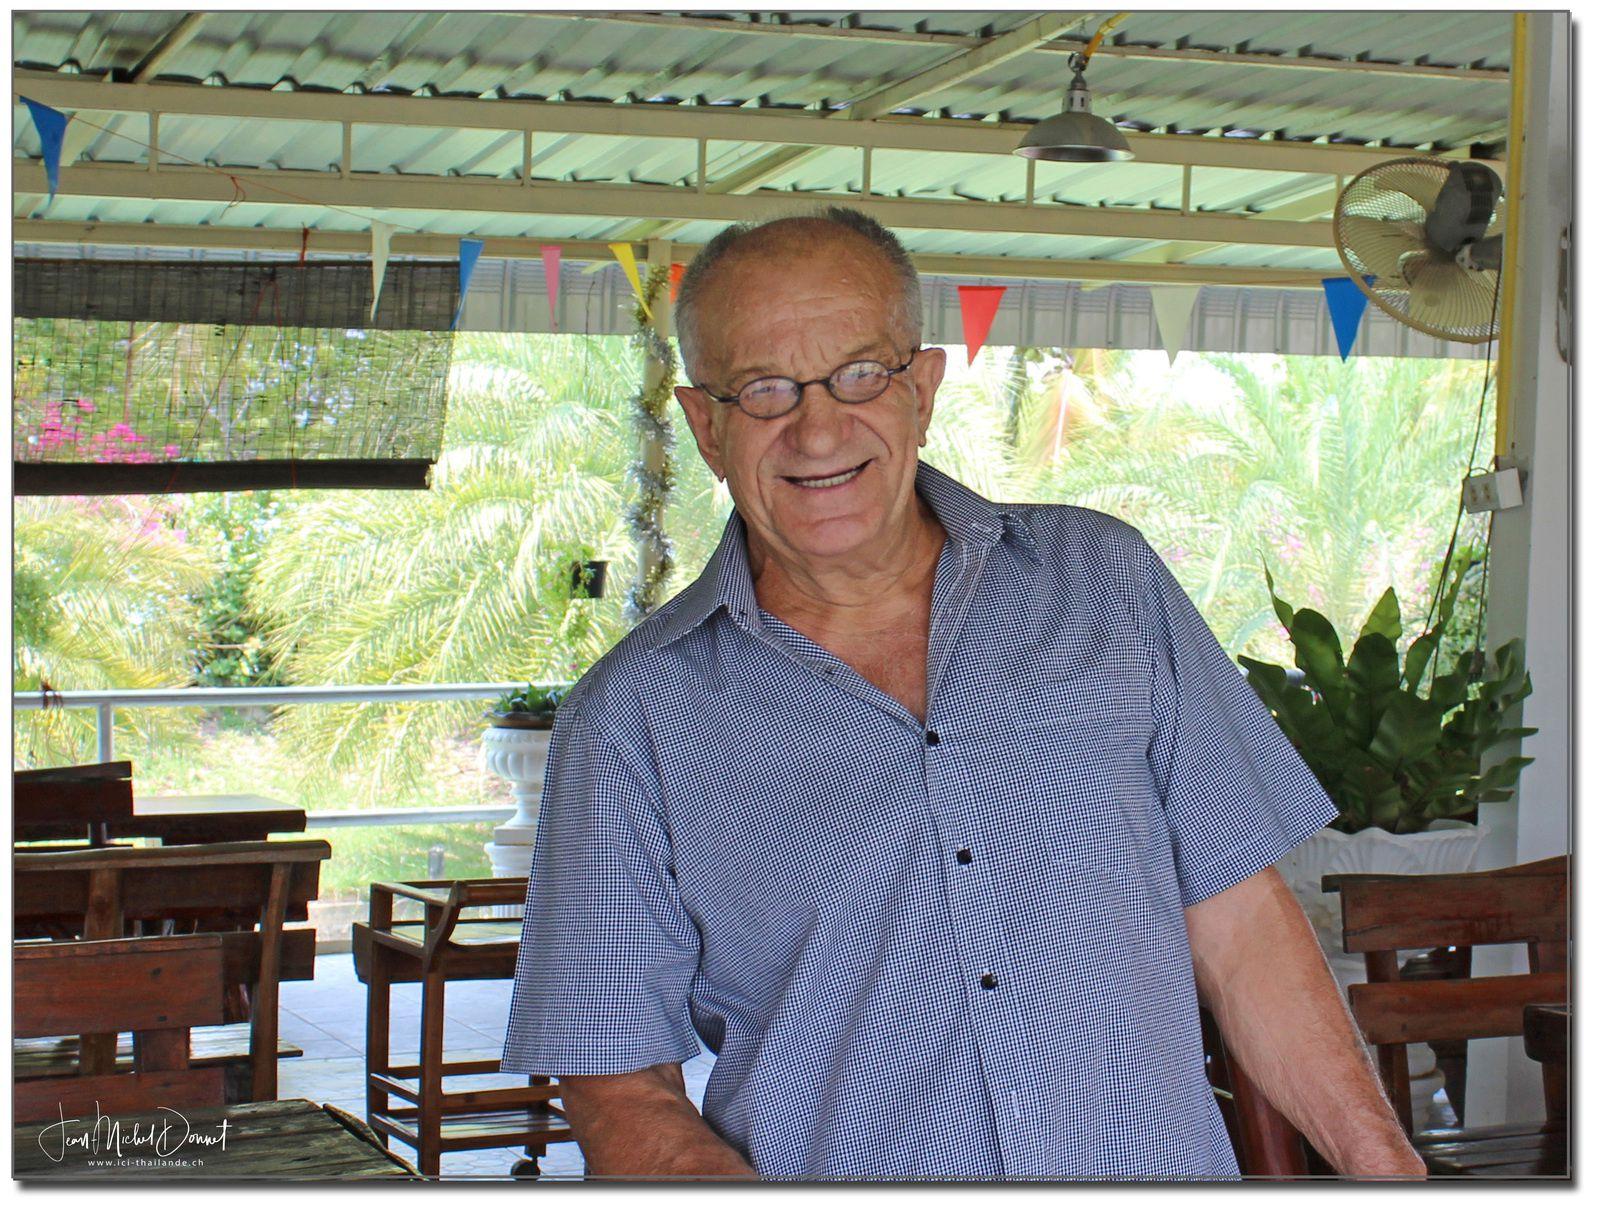 les 80 ans de notre ami Peter.